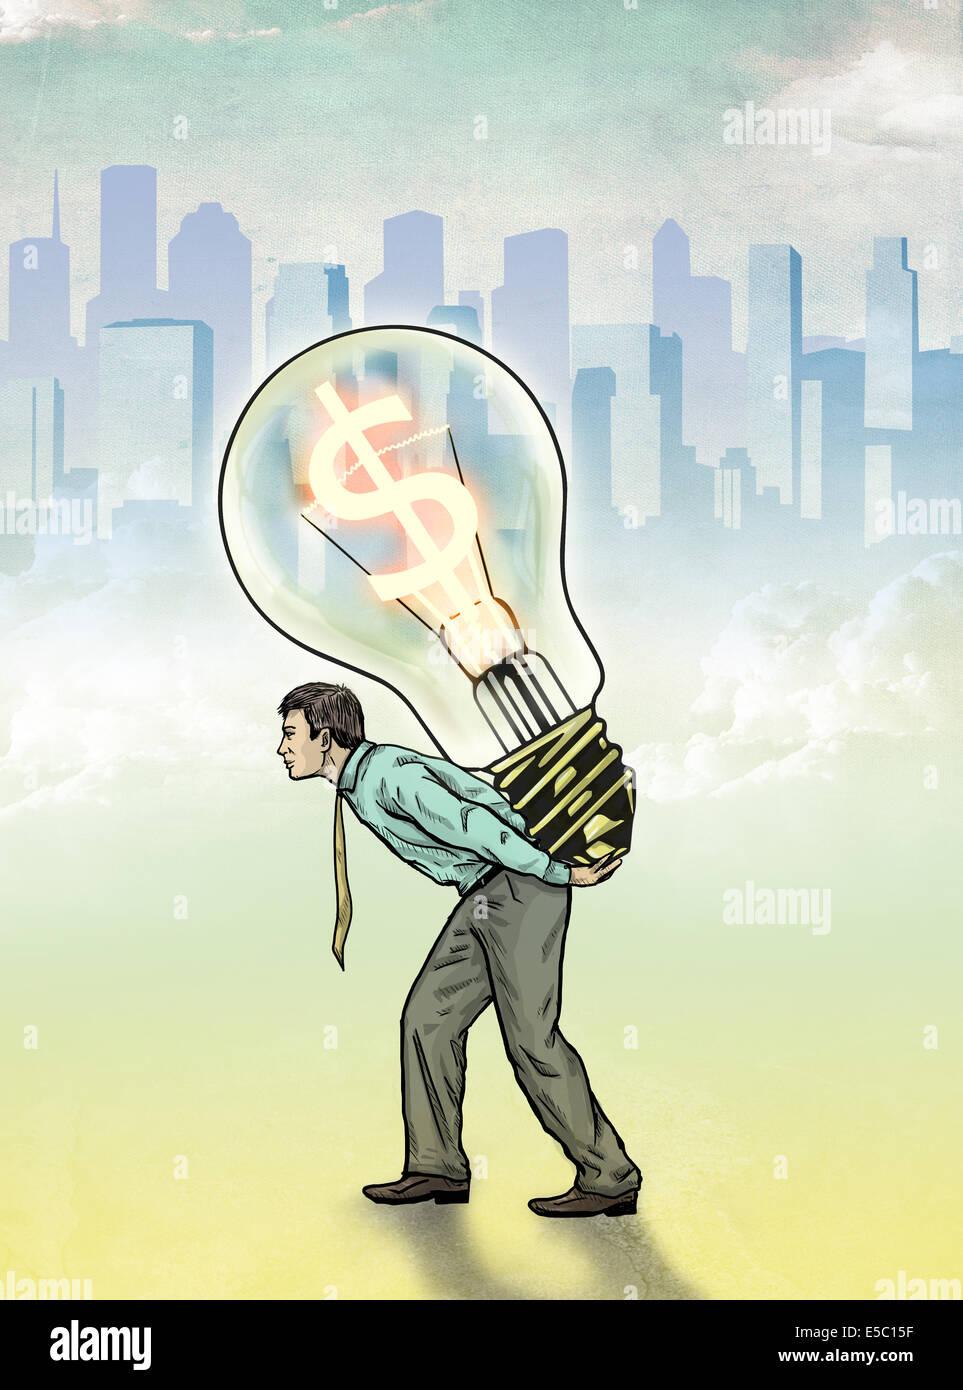 Imagen ilustrativa del empresario llevar bombilla con símbolo de dólar que representa el beneficio Imagen De Stock